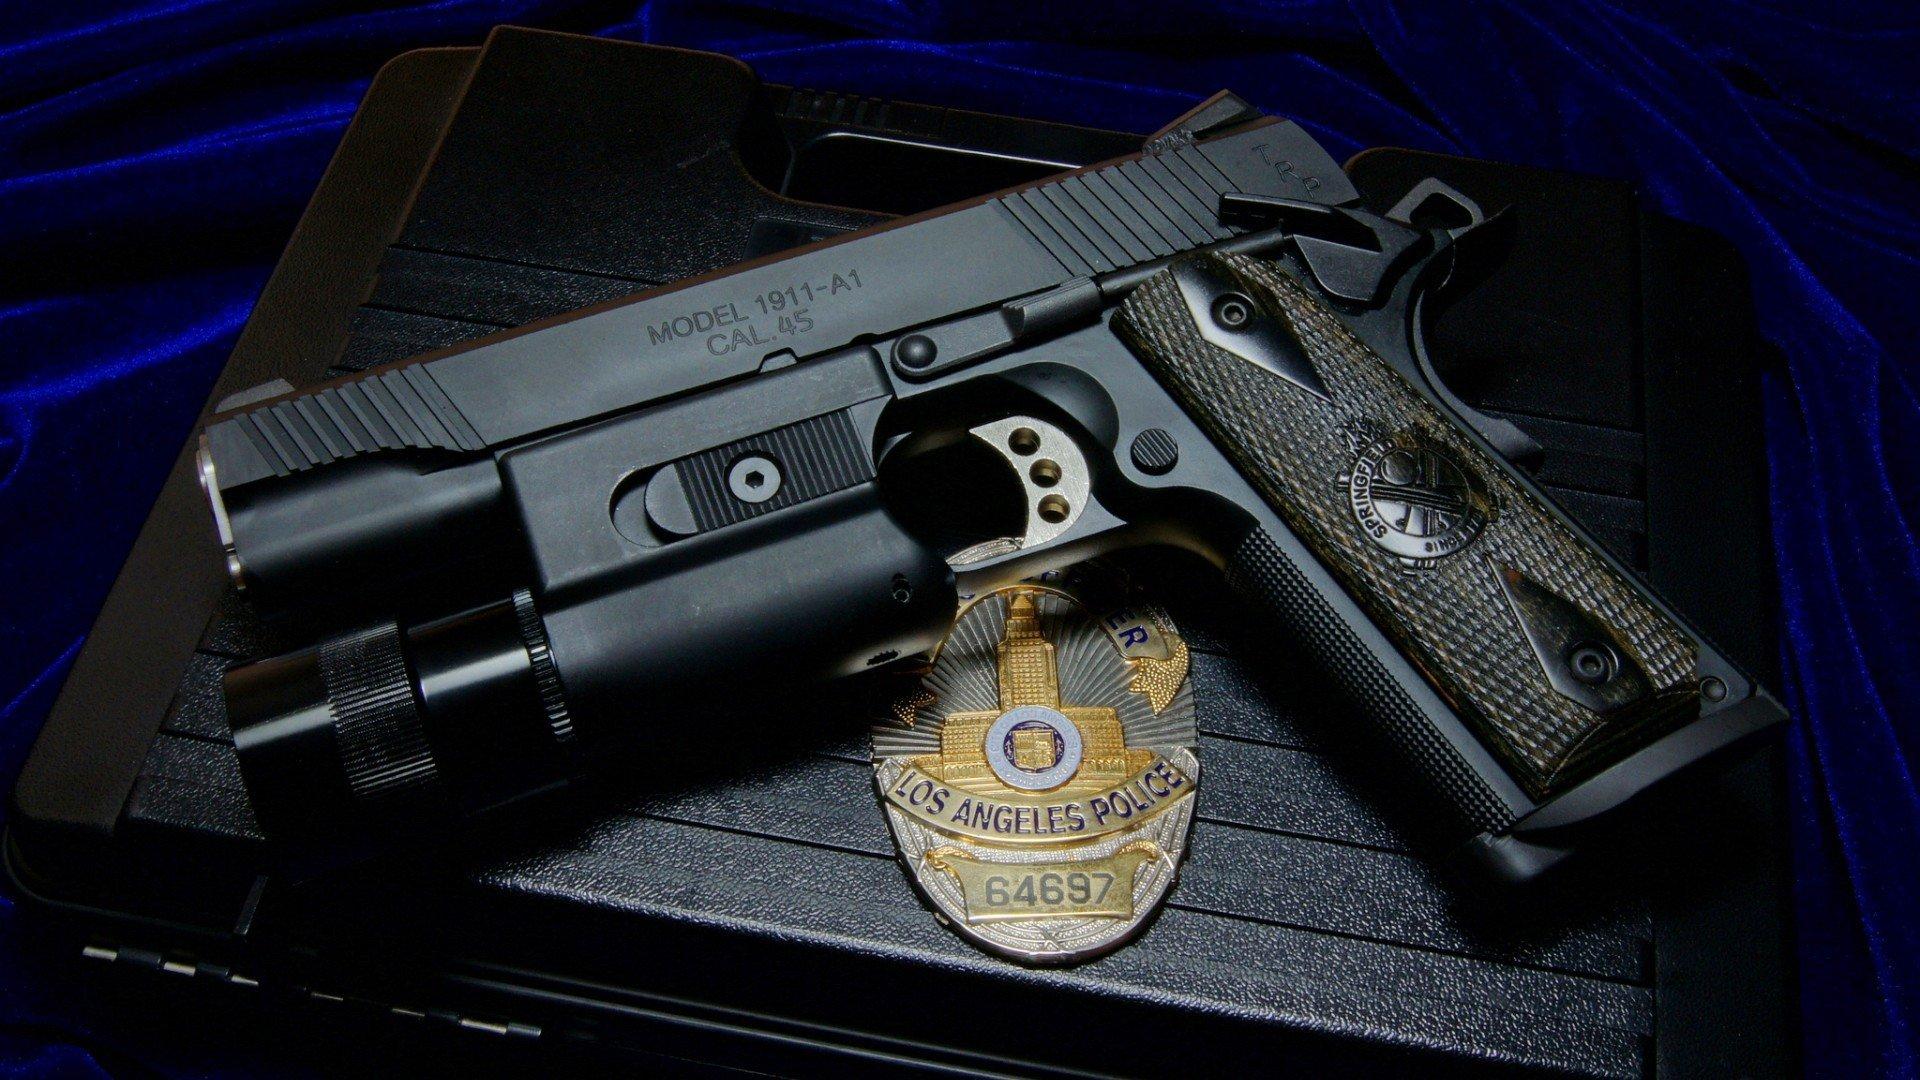 Police cal 45 m1911 gun weapon badge hd wallpapers - Fbi badge wallpaper ...